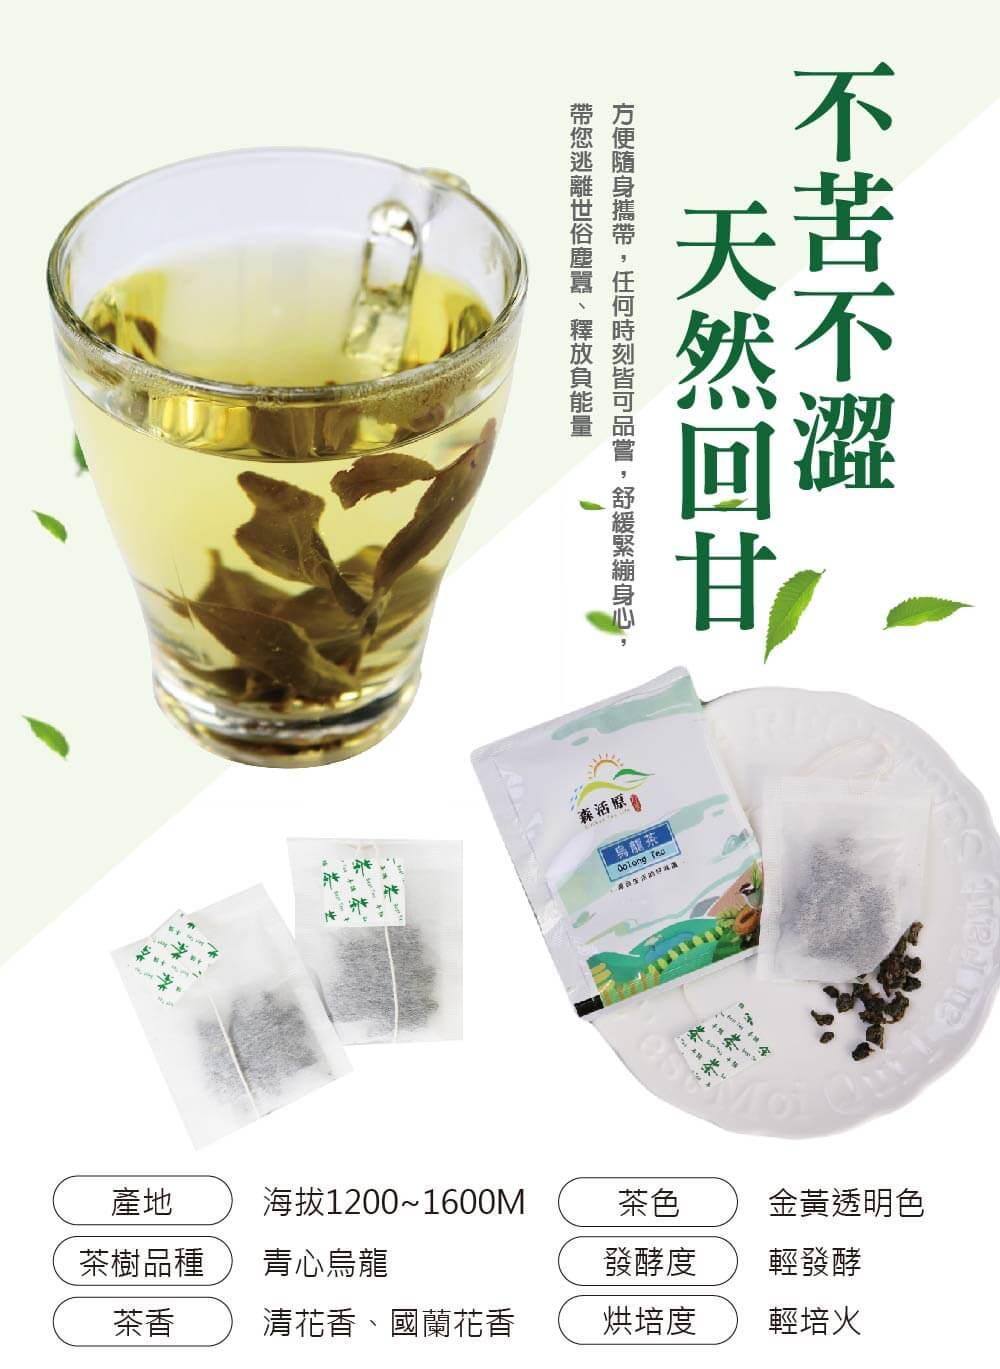 阿里山烏龍茶包-滋味清純滑潤甘醇